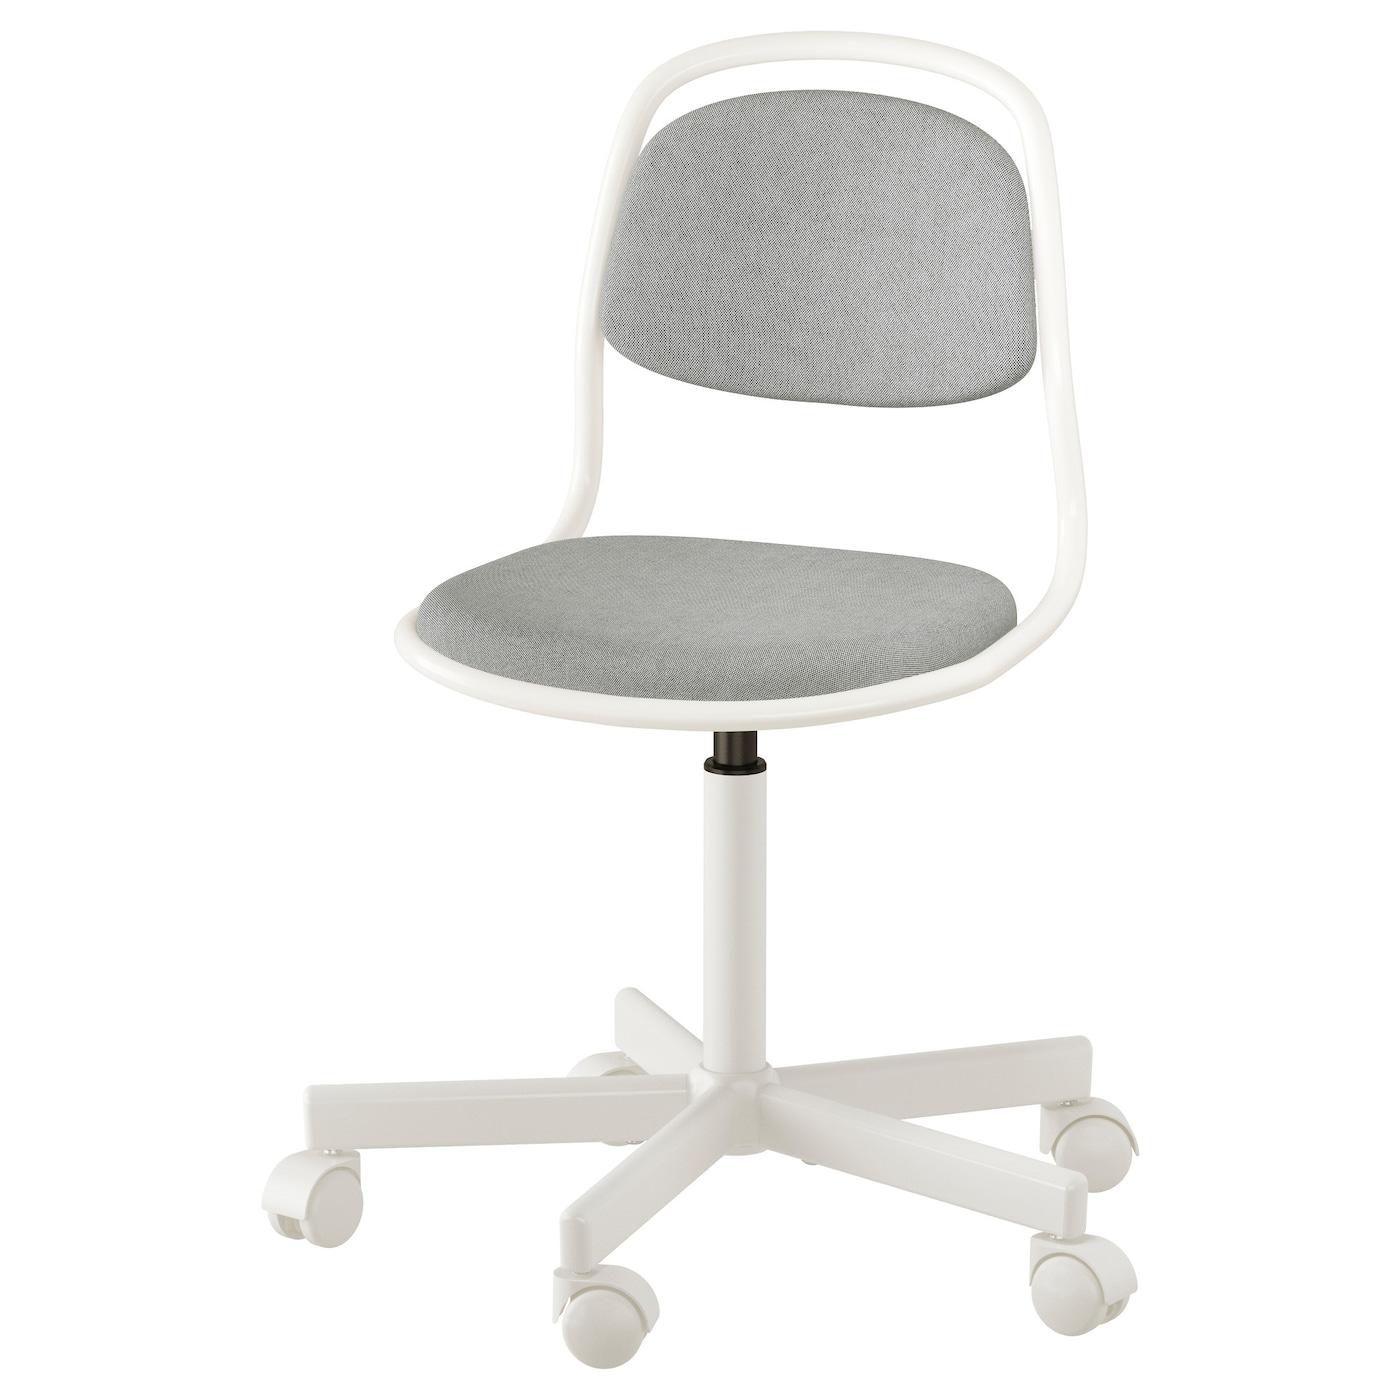 ÖRFJÄLL Silla escritorio niño Blanco/vissle gris claro - IKEA